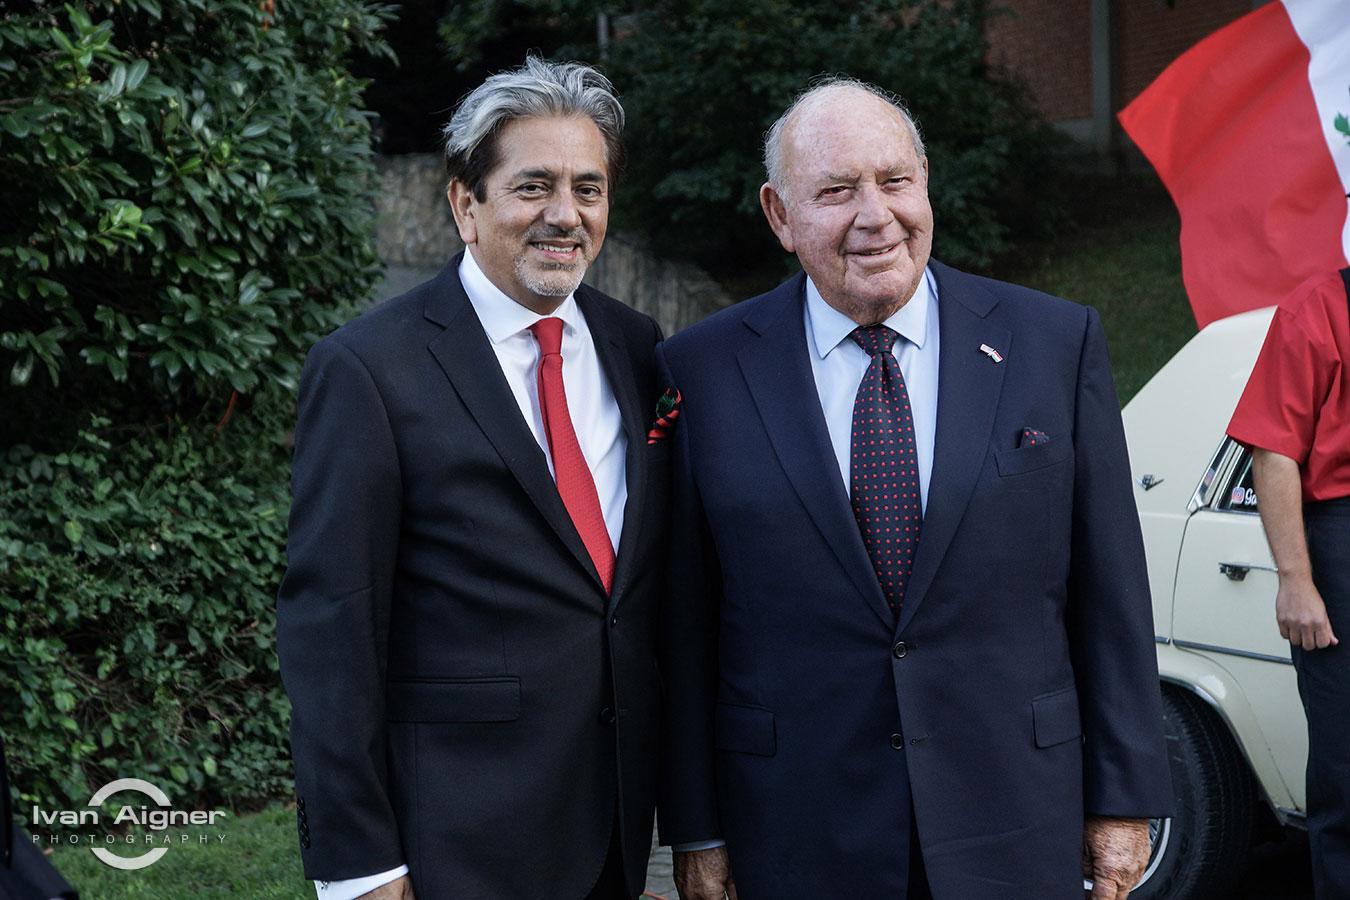 Őexc. David Nájera Rivas mexikói és Őexc. David B. Cornstein amerikai nagykövet